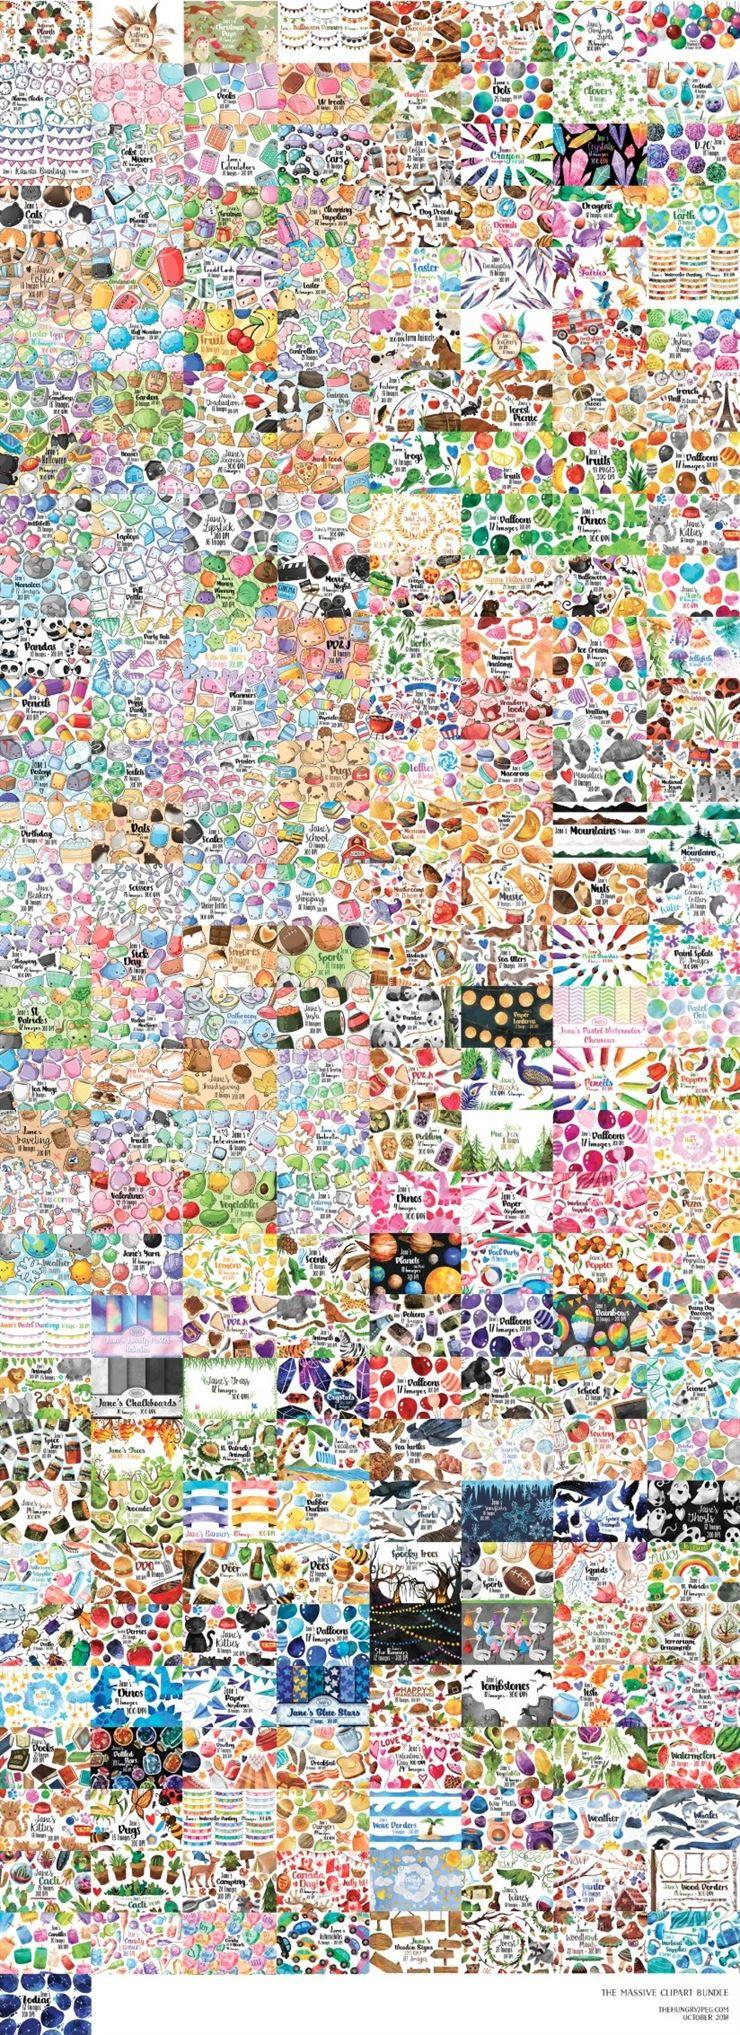 The Massive Clipart Bundle Web3Canvas